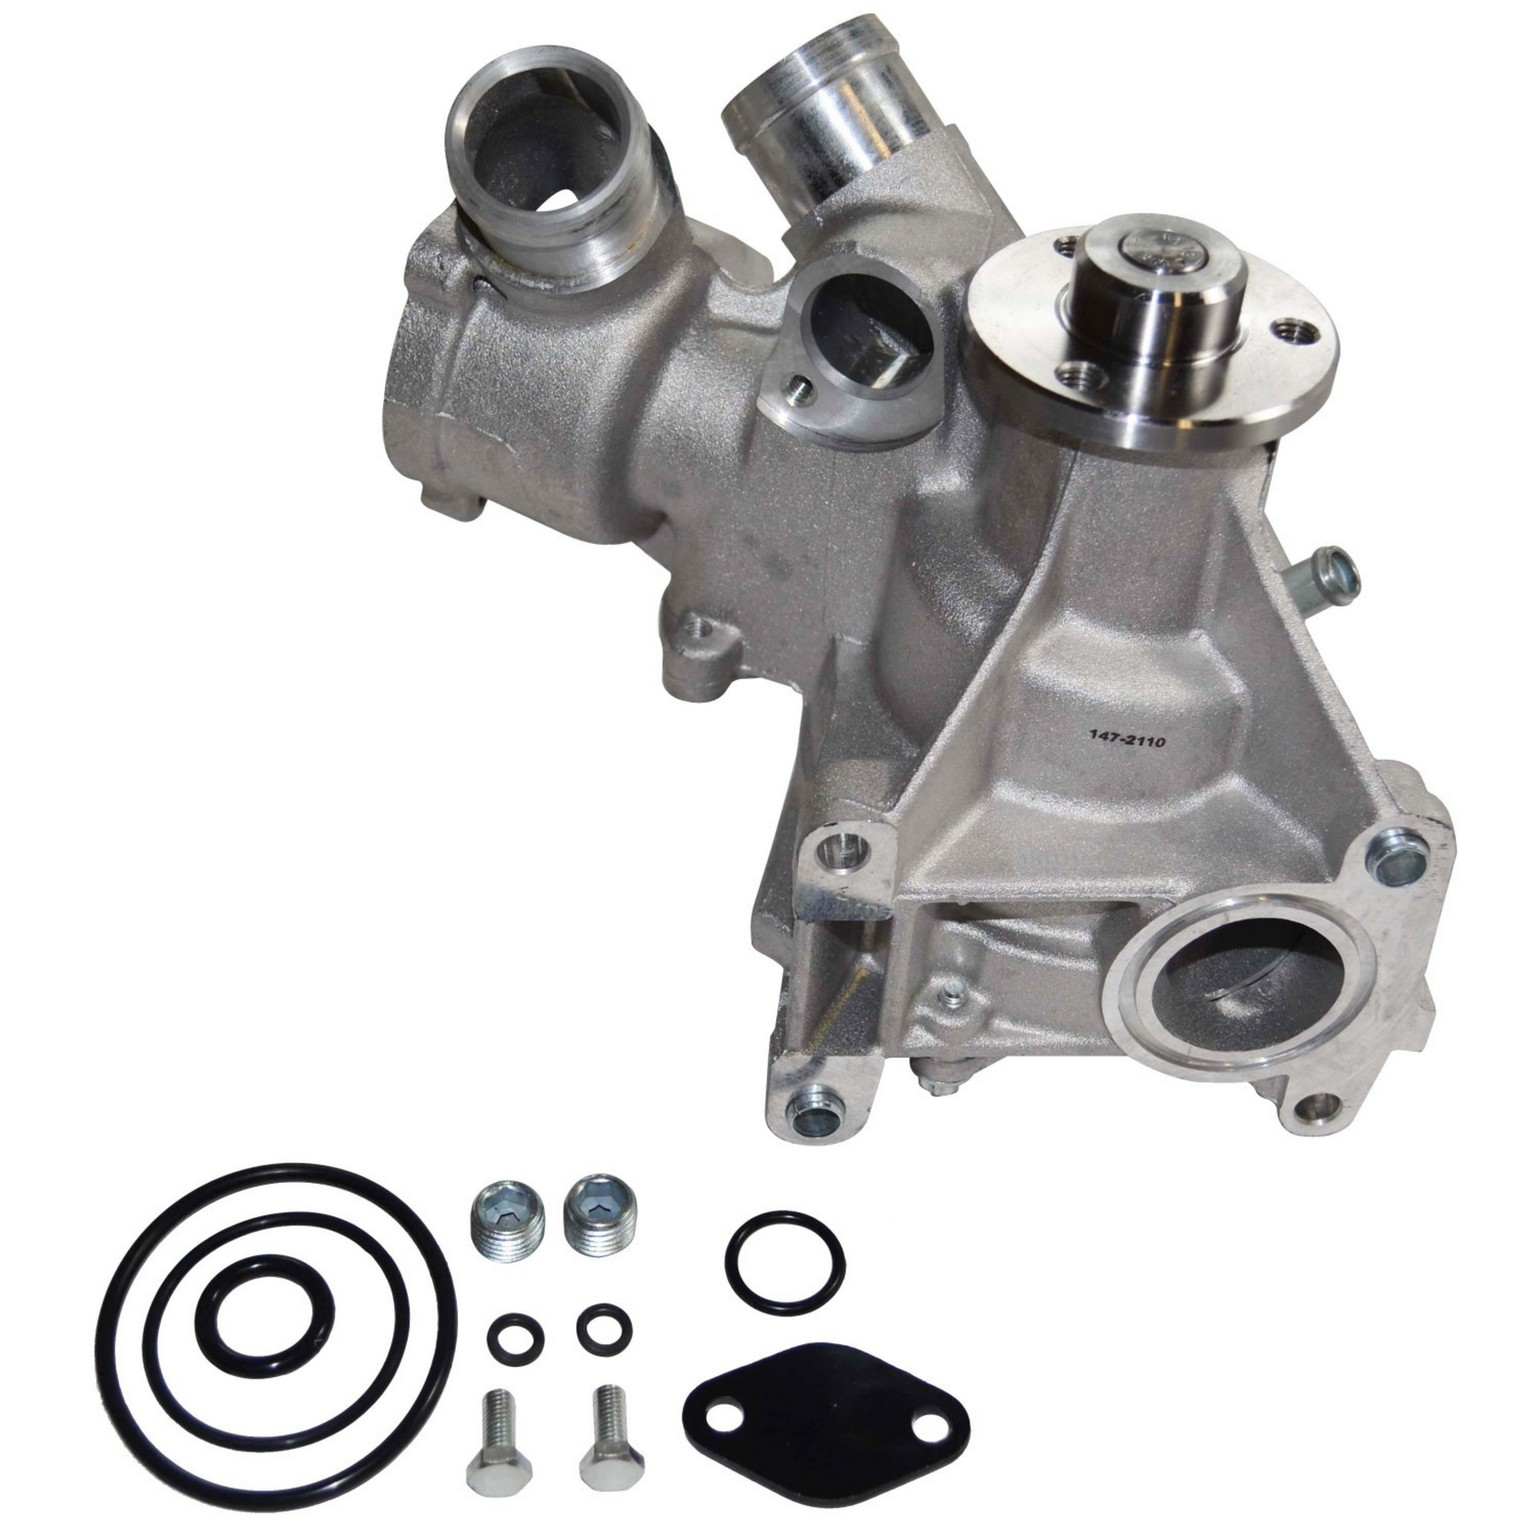 1994 Mercedes Benz E320 Engine Water Pump 1991 500sl Timing Belt G6 147 2110